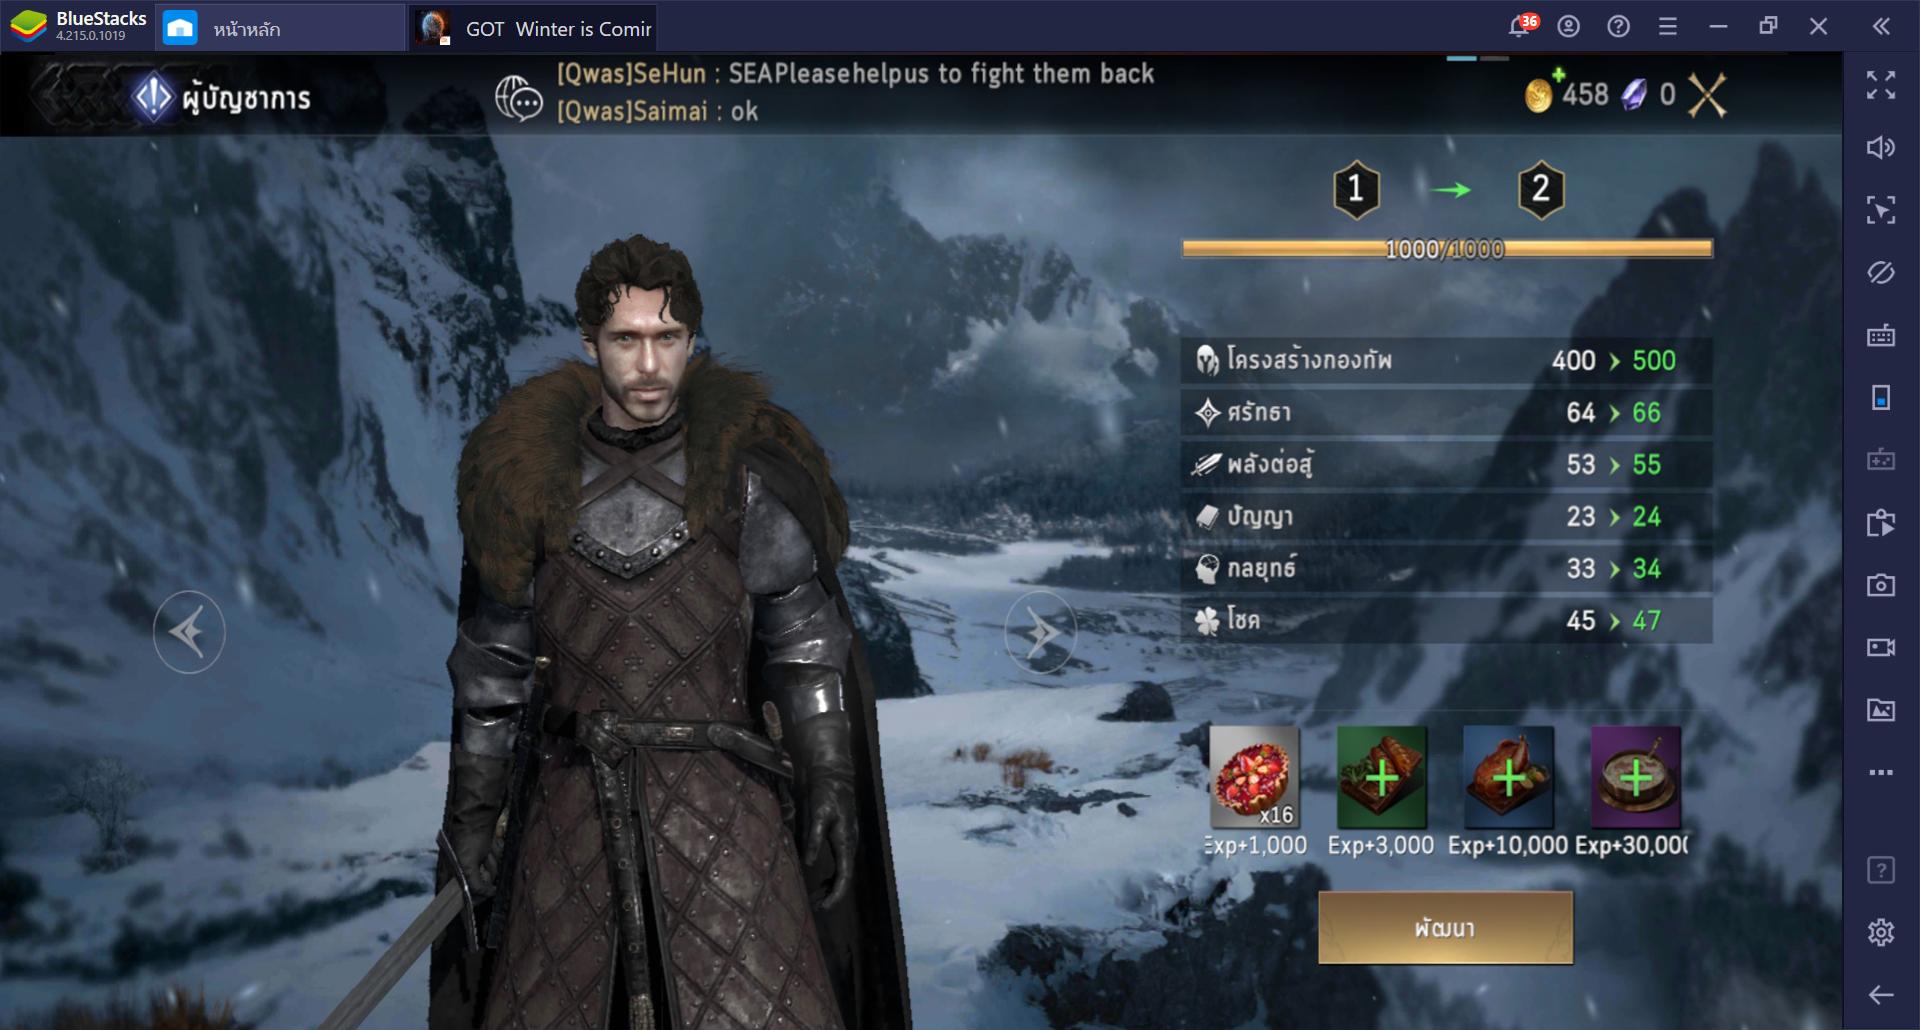 เพราะอะไรถึงต้องเล่น GOT: Winter is Coming M ผ่าน BlueStacks